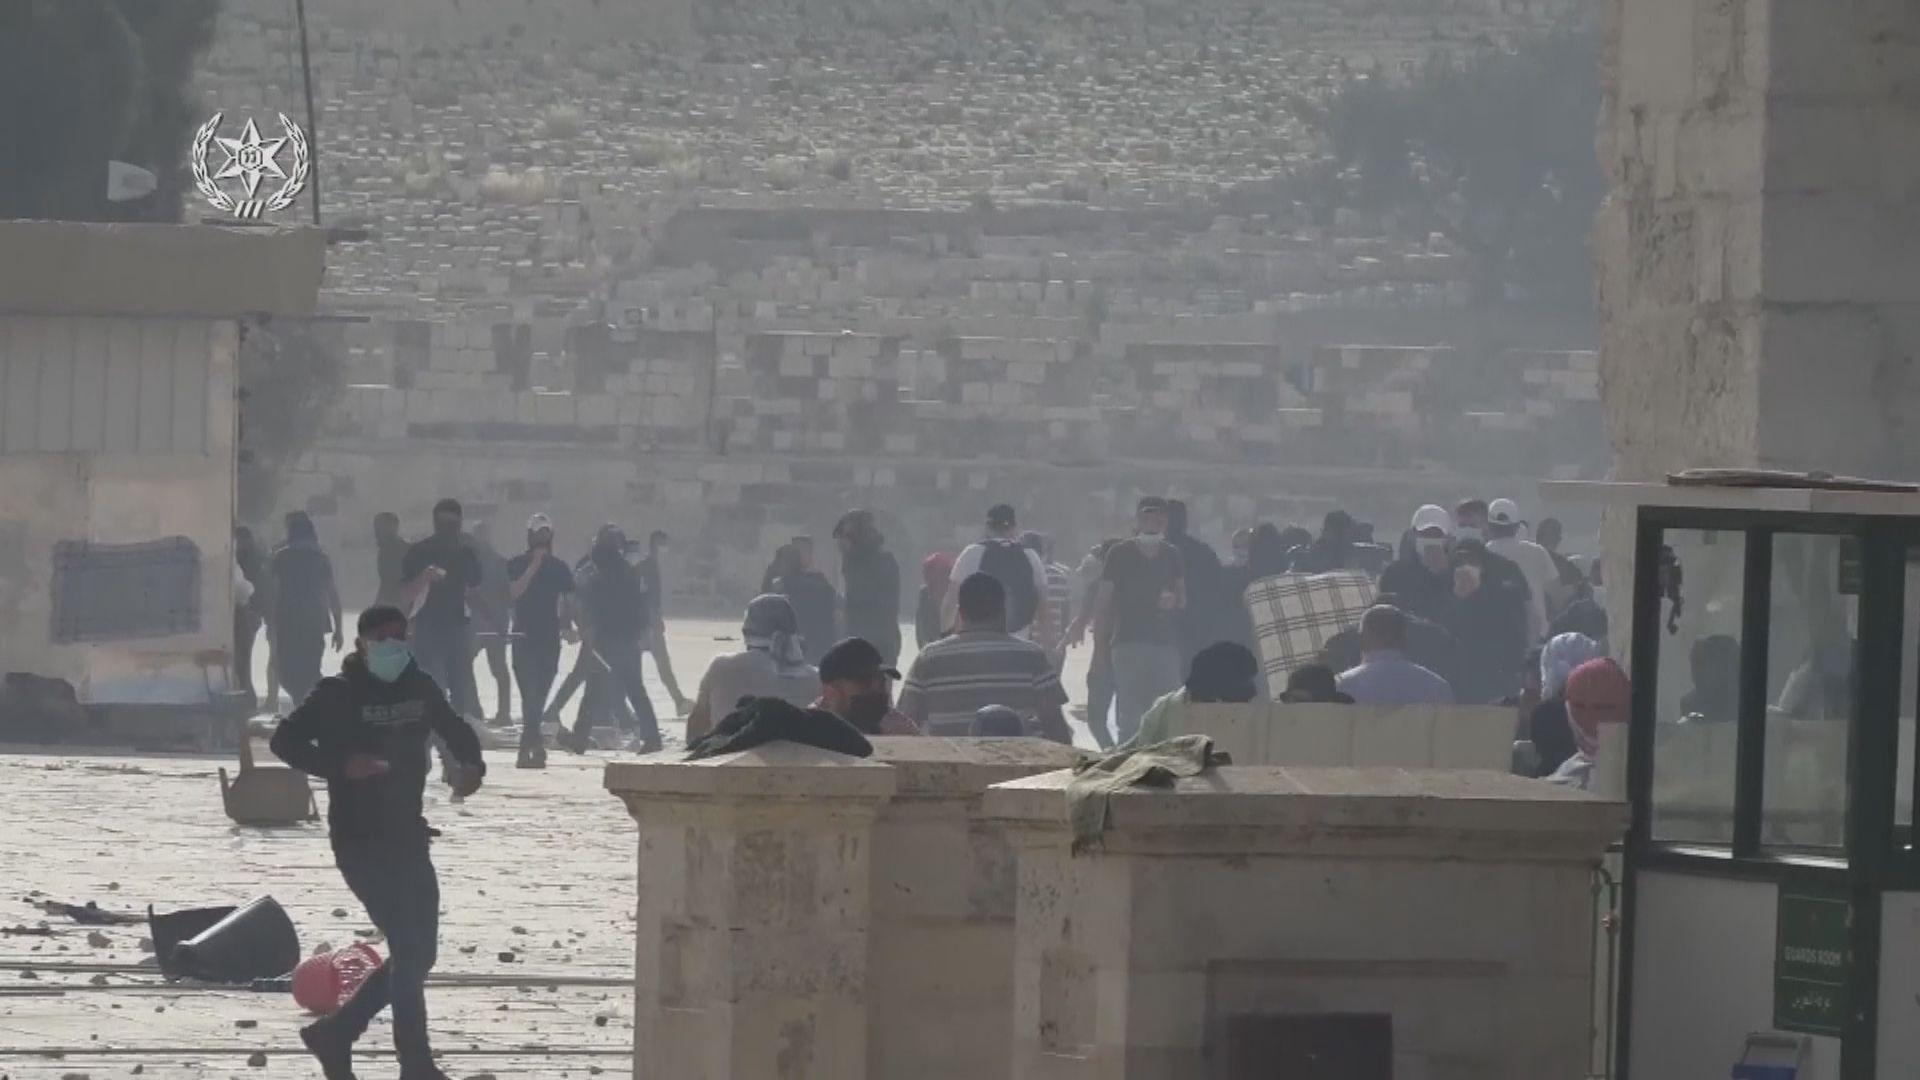 以巴耶路撒冷衝突 據報周一逾200名巴勒斯坦人受傷